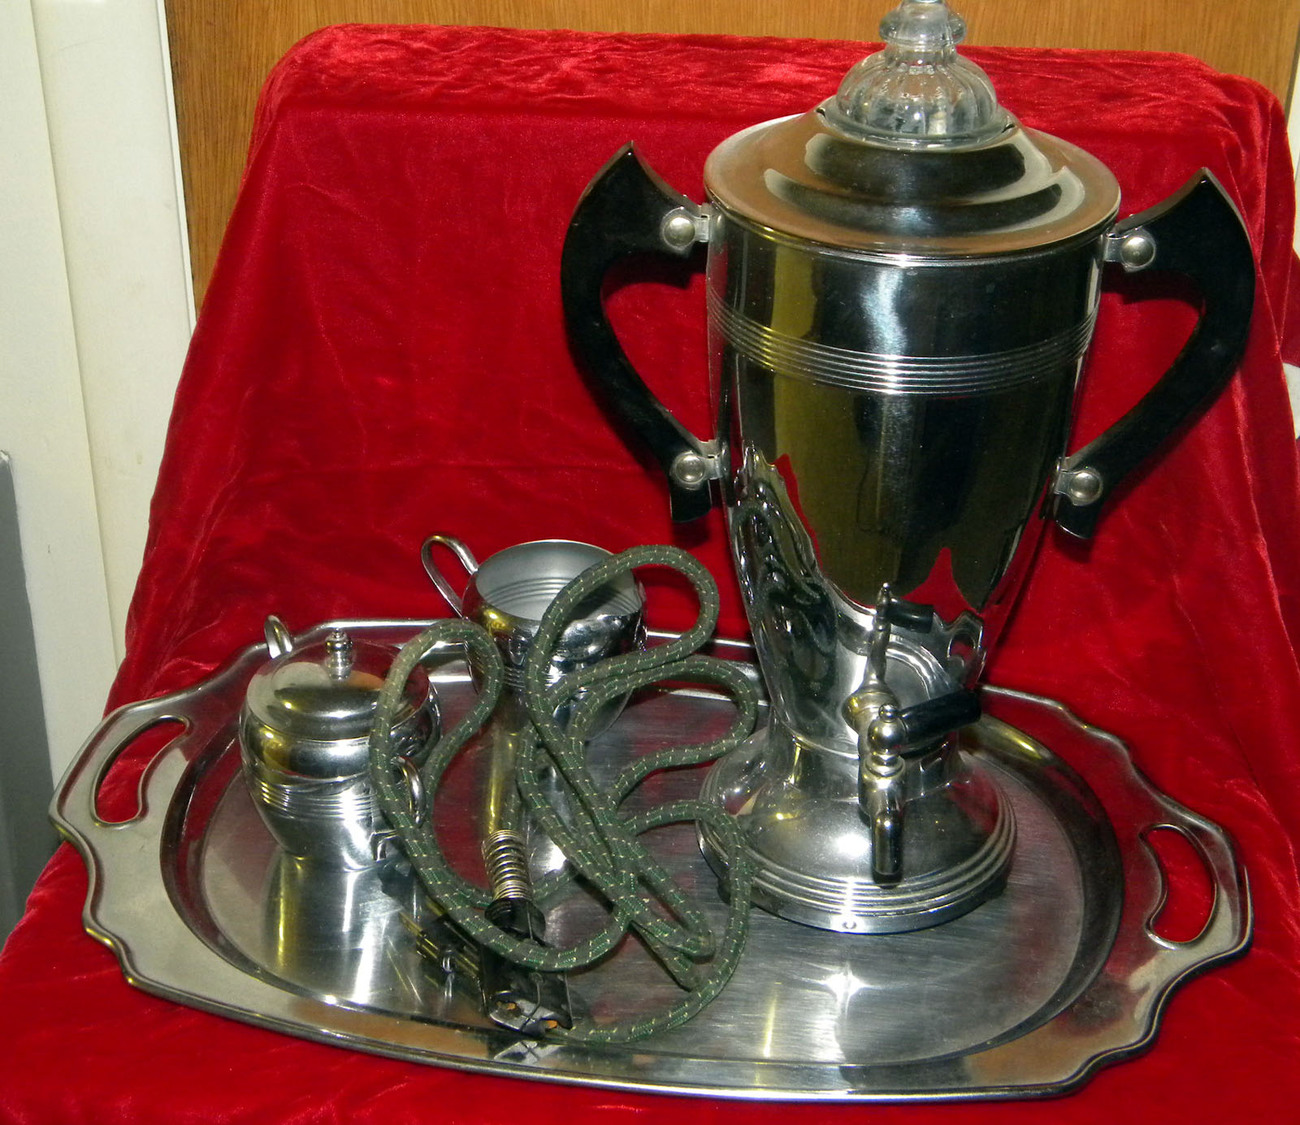 Coffee Maker Tray : Vintage La Belle Silver electric percolator coffee maker w/creamer, sugar, tray - Small Kitchen ...